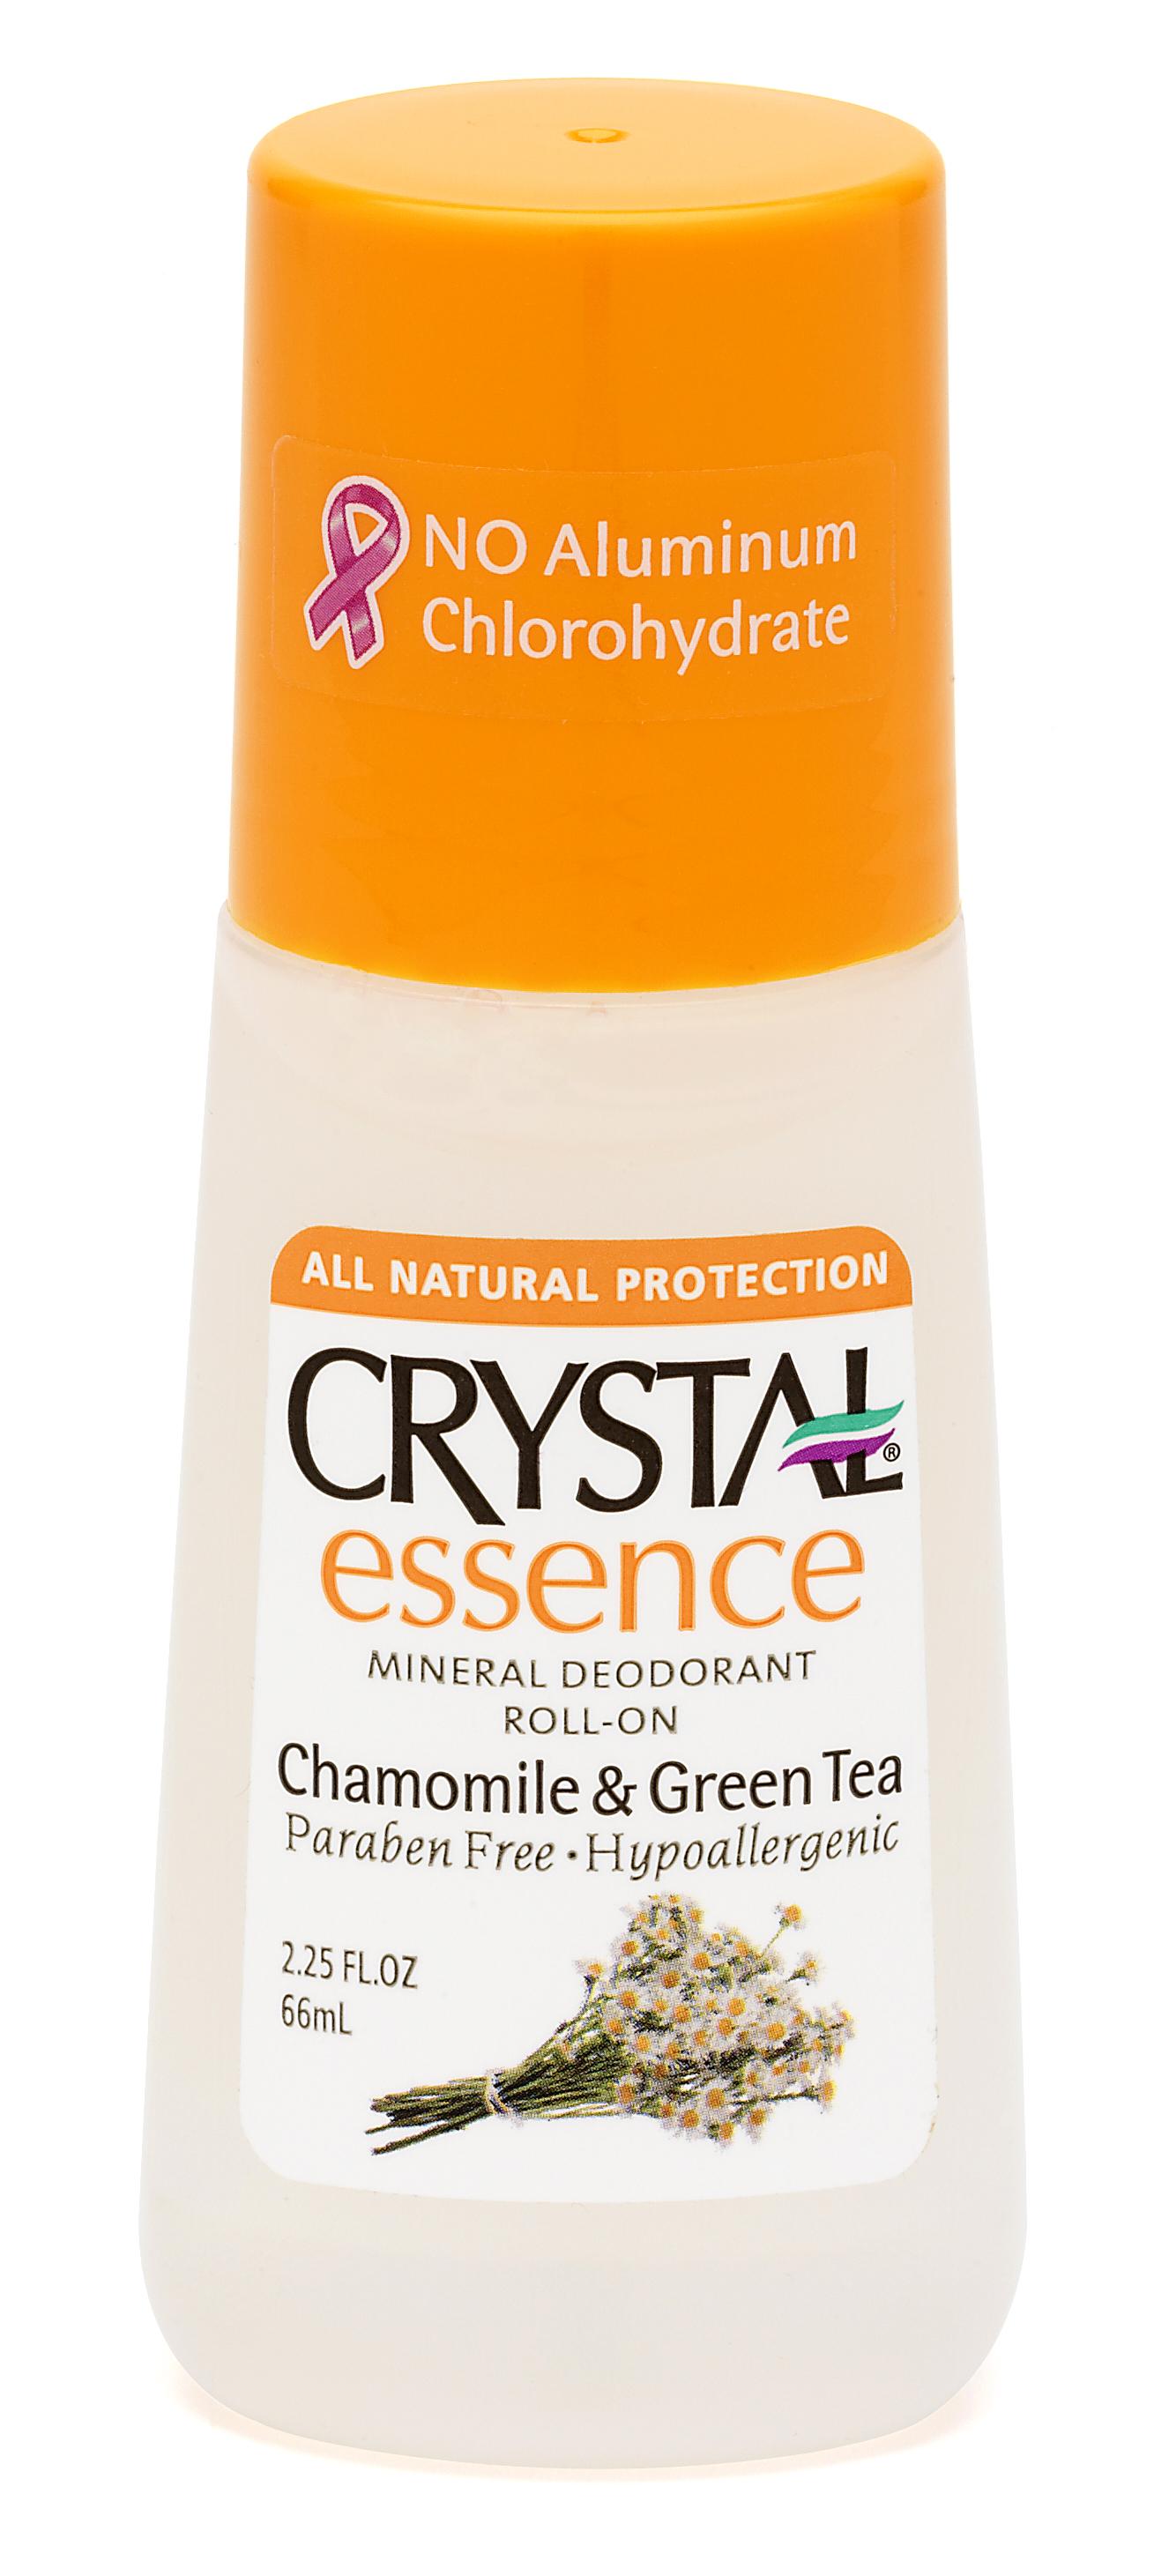 CRYSTAL Дезoдорант роликовый Ромашка+Зеленый чай / Crystal ROLL-on Chamomile &amp; Green Tea 66млДезодоранты<br>Антибактериальный дезодорант-спрей Кристалл Эссенсе для тела. Создан на основе натуральных минеральных солей с экстрактами ромашки и зеленого чая. Предназначен для полной защиты от бактерий и неприятного запаха в течение дня. Обладает мощным антибактериальным эффектом в сочетании с легкими и нежными ароматами ромашки и зеленого чая. Комбинация успокаивающего действия ромашки и мощных антиоксидантов зеленого чая оказывает чрезвычайно благотворное влияние на Вашу кожу. Улучшенная конструкция роликового аппликатора позволяет нежно и экономно нанести дезодорант на Вашу кожу. Не содержит консервантов, не вызывает аллергии. Не прилипает и не оставляет белых следов или разводов на одежде. Способ применения: наносить легкими движениями на чистую кожу в утреннее время, после душа или ванны. Активные ингредиенты: натуральные минеральные соли (Potassium Alum), очищенная вода, квасцы калия, эфирные масла, целлюлоза, экстракт ромашки и зеленого чая.<br>